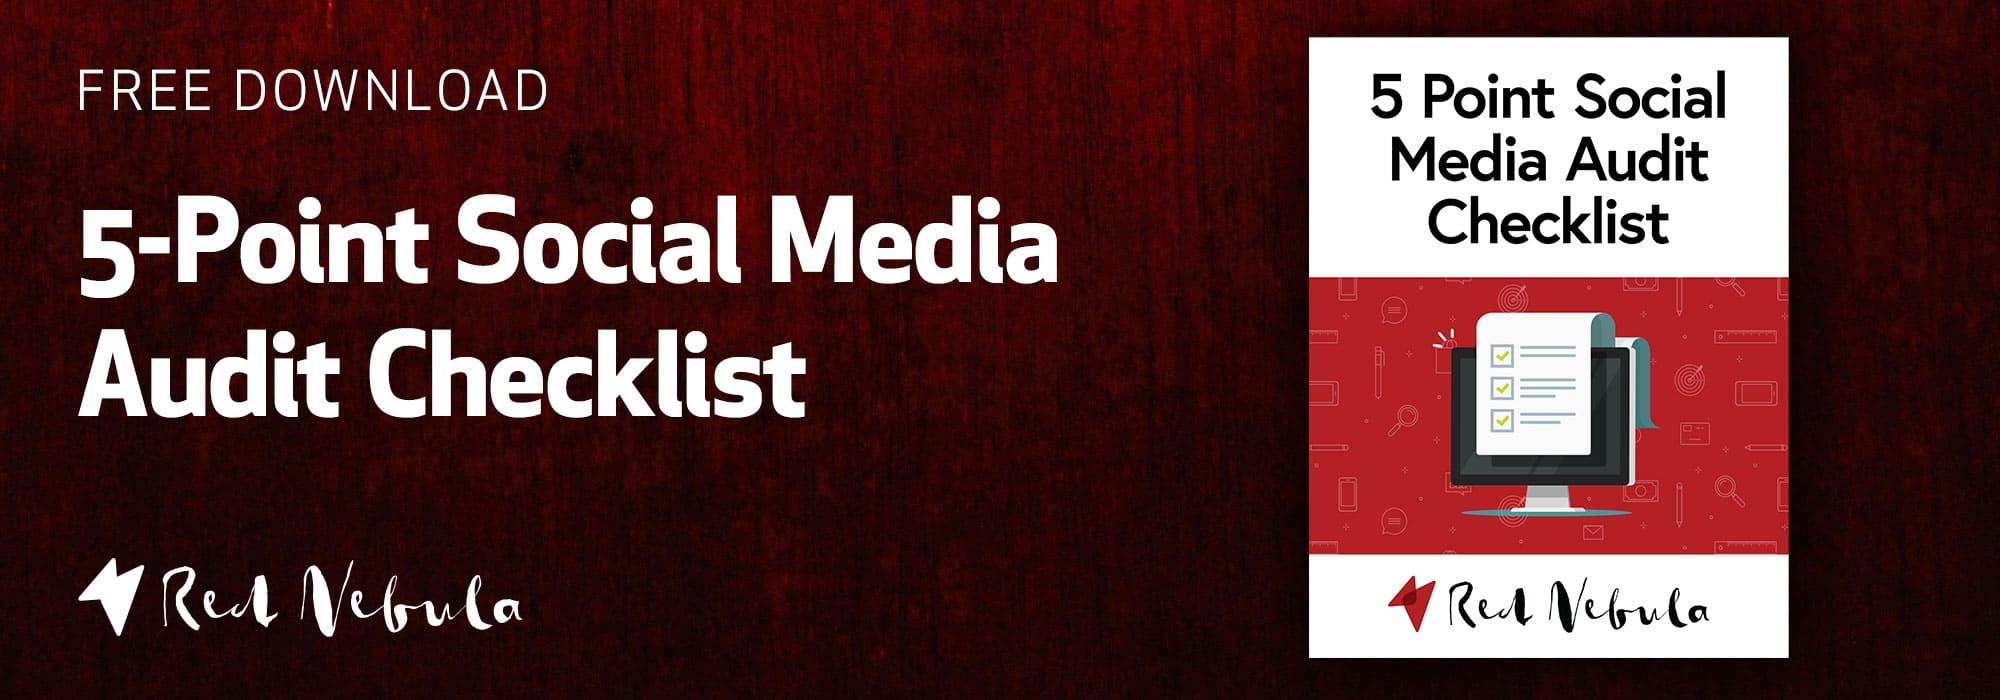 5-point-social-media-audit-checklist-CTA-2000x700